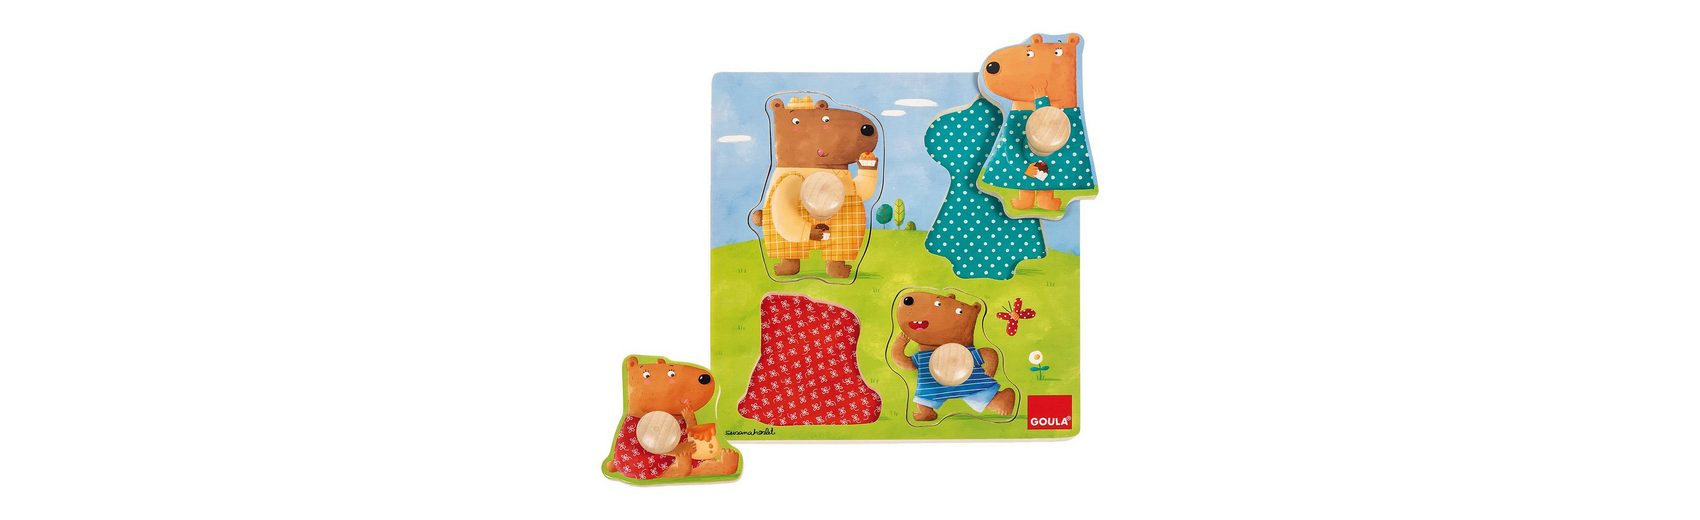 Goula Holzpuzzle Bärenfamilie 4 Teile